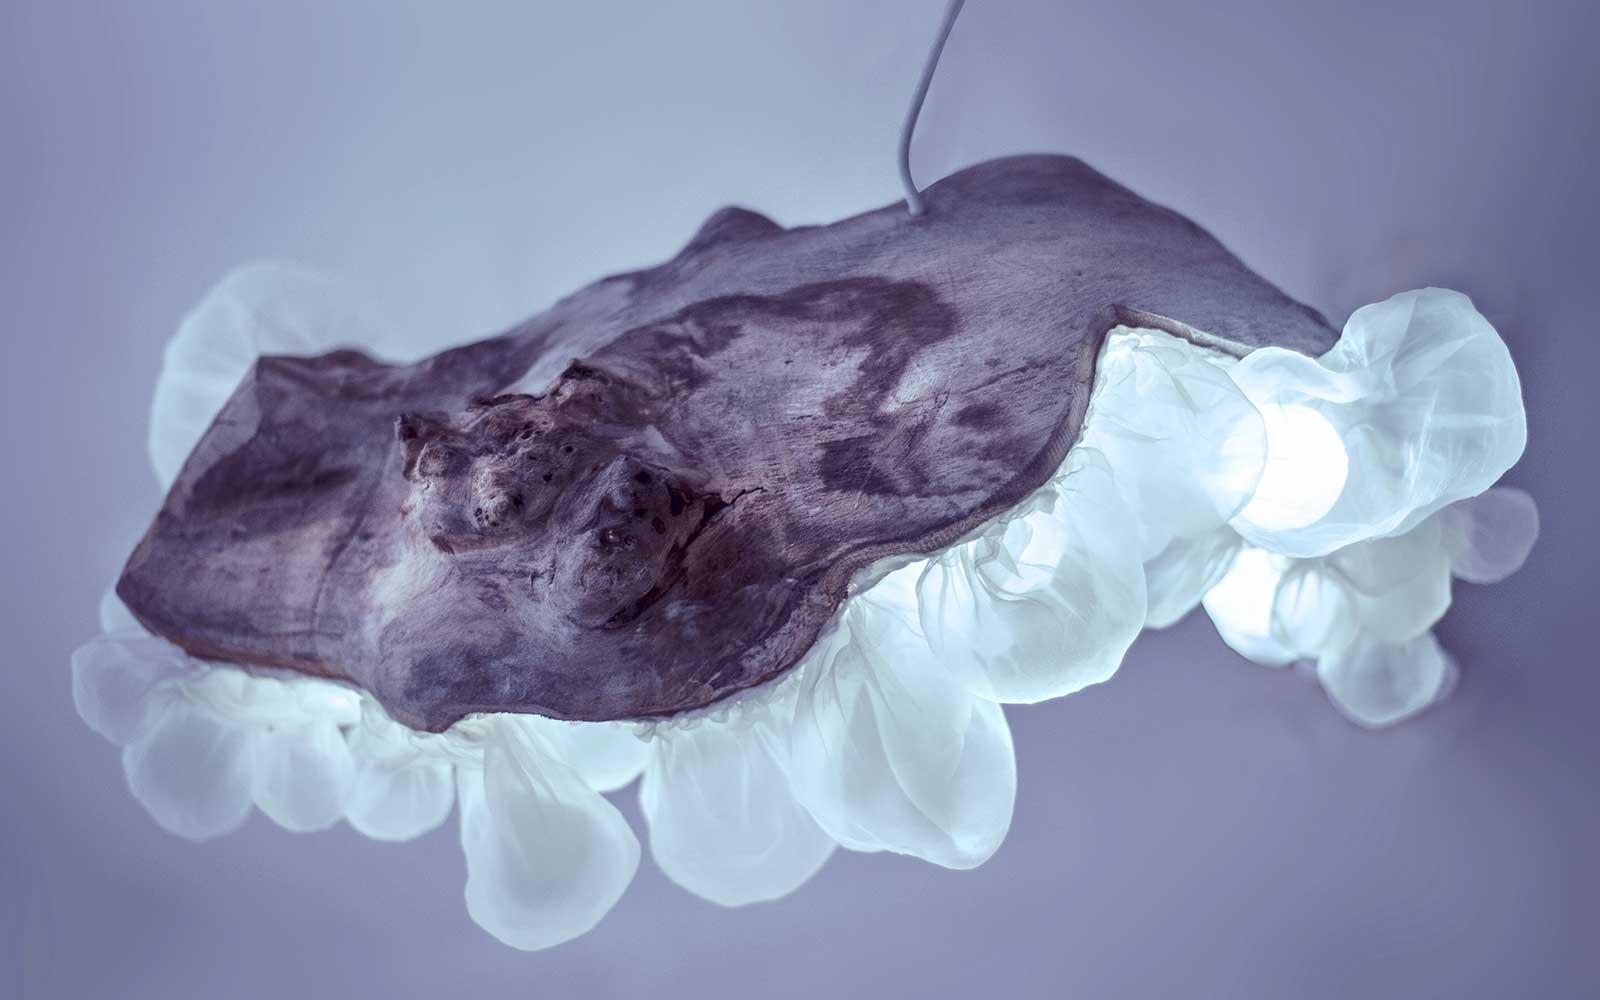 Medúza — svítící objekt Evy Spacelights Nečasové